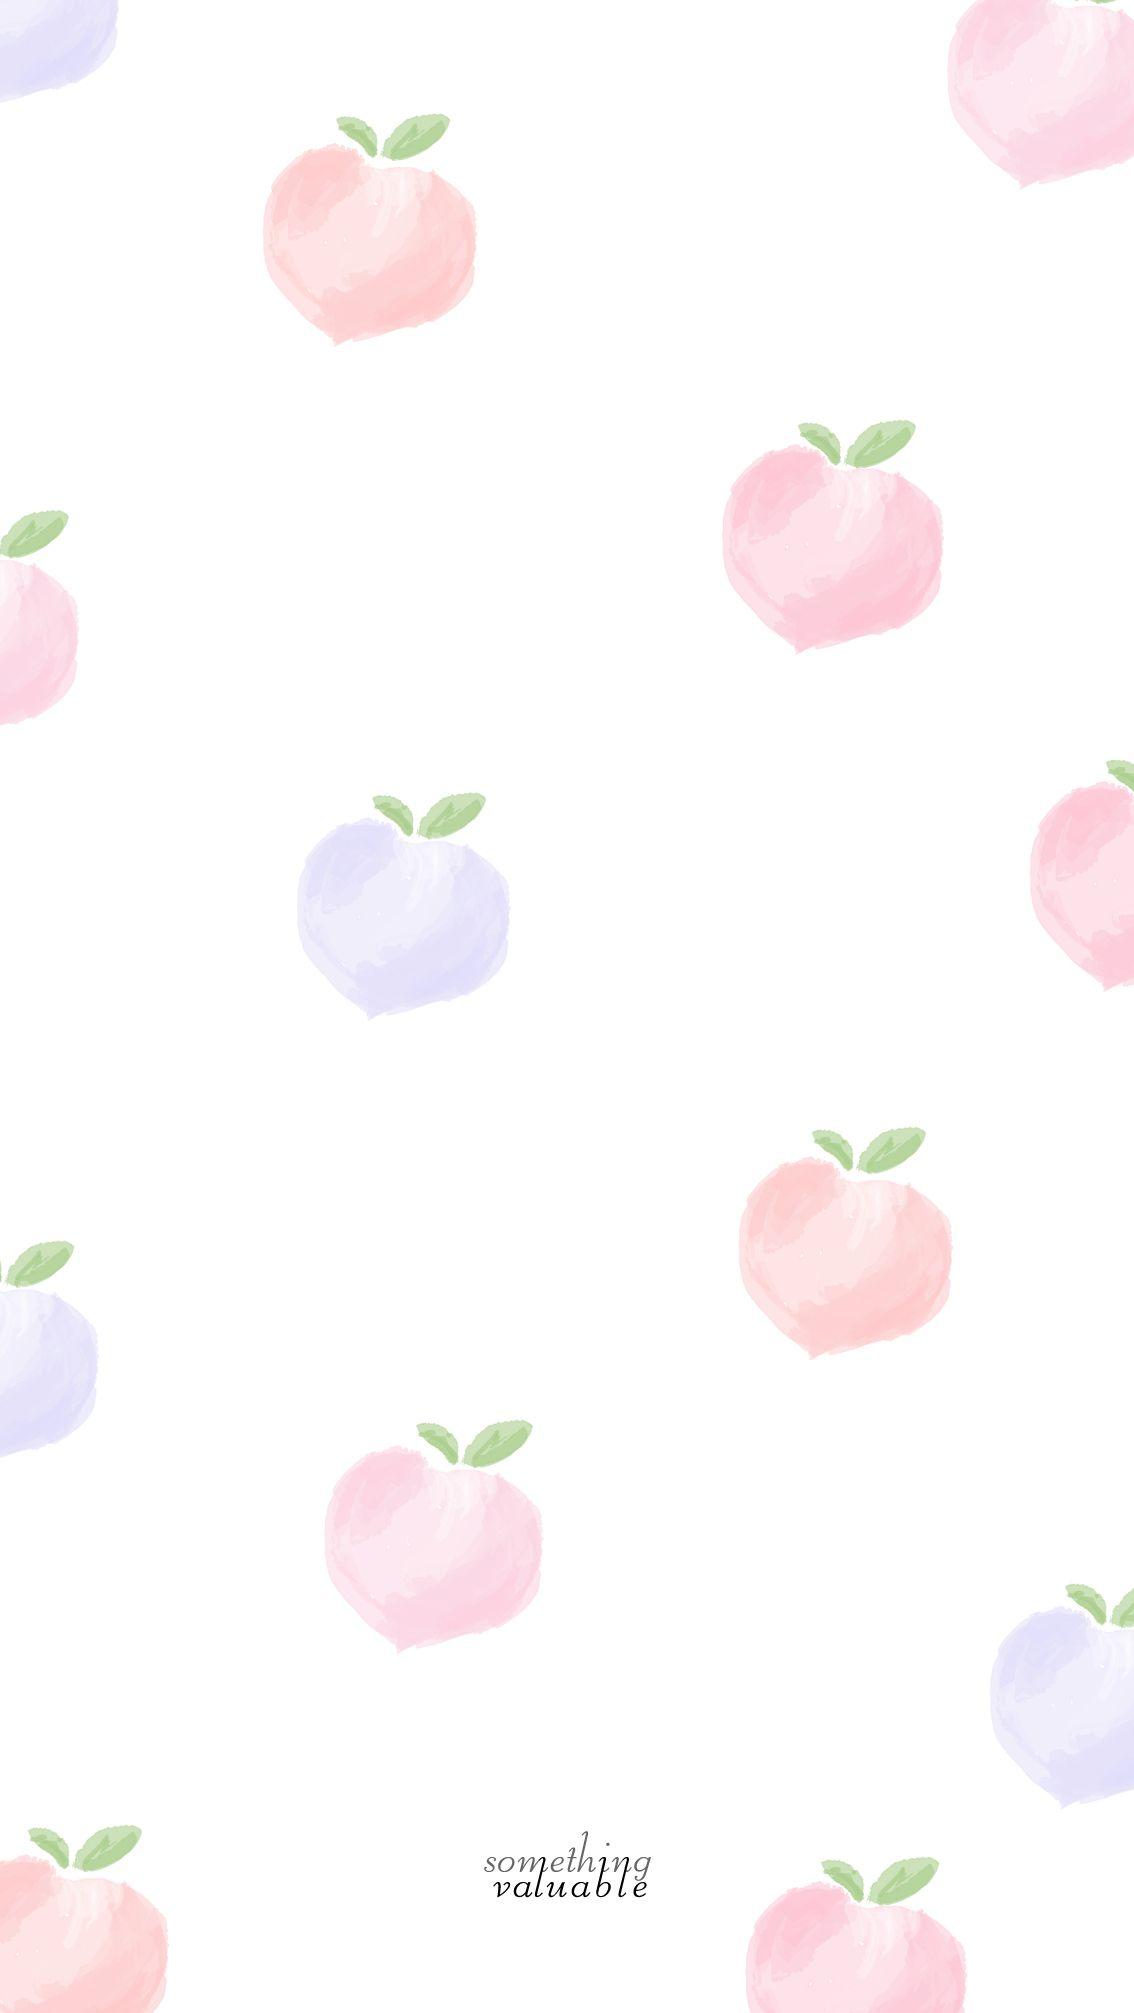 Kakao Friends Iphone Wallpaper Iphone Wallpaper Design Peach Wallpapers Peach